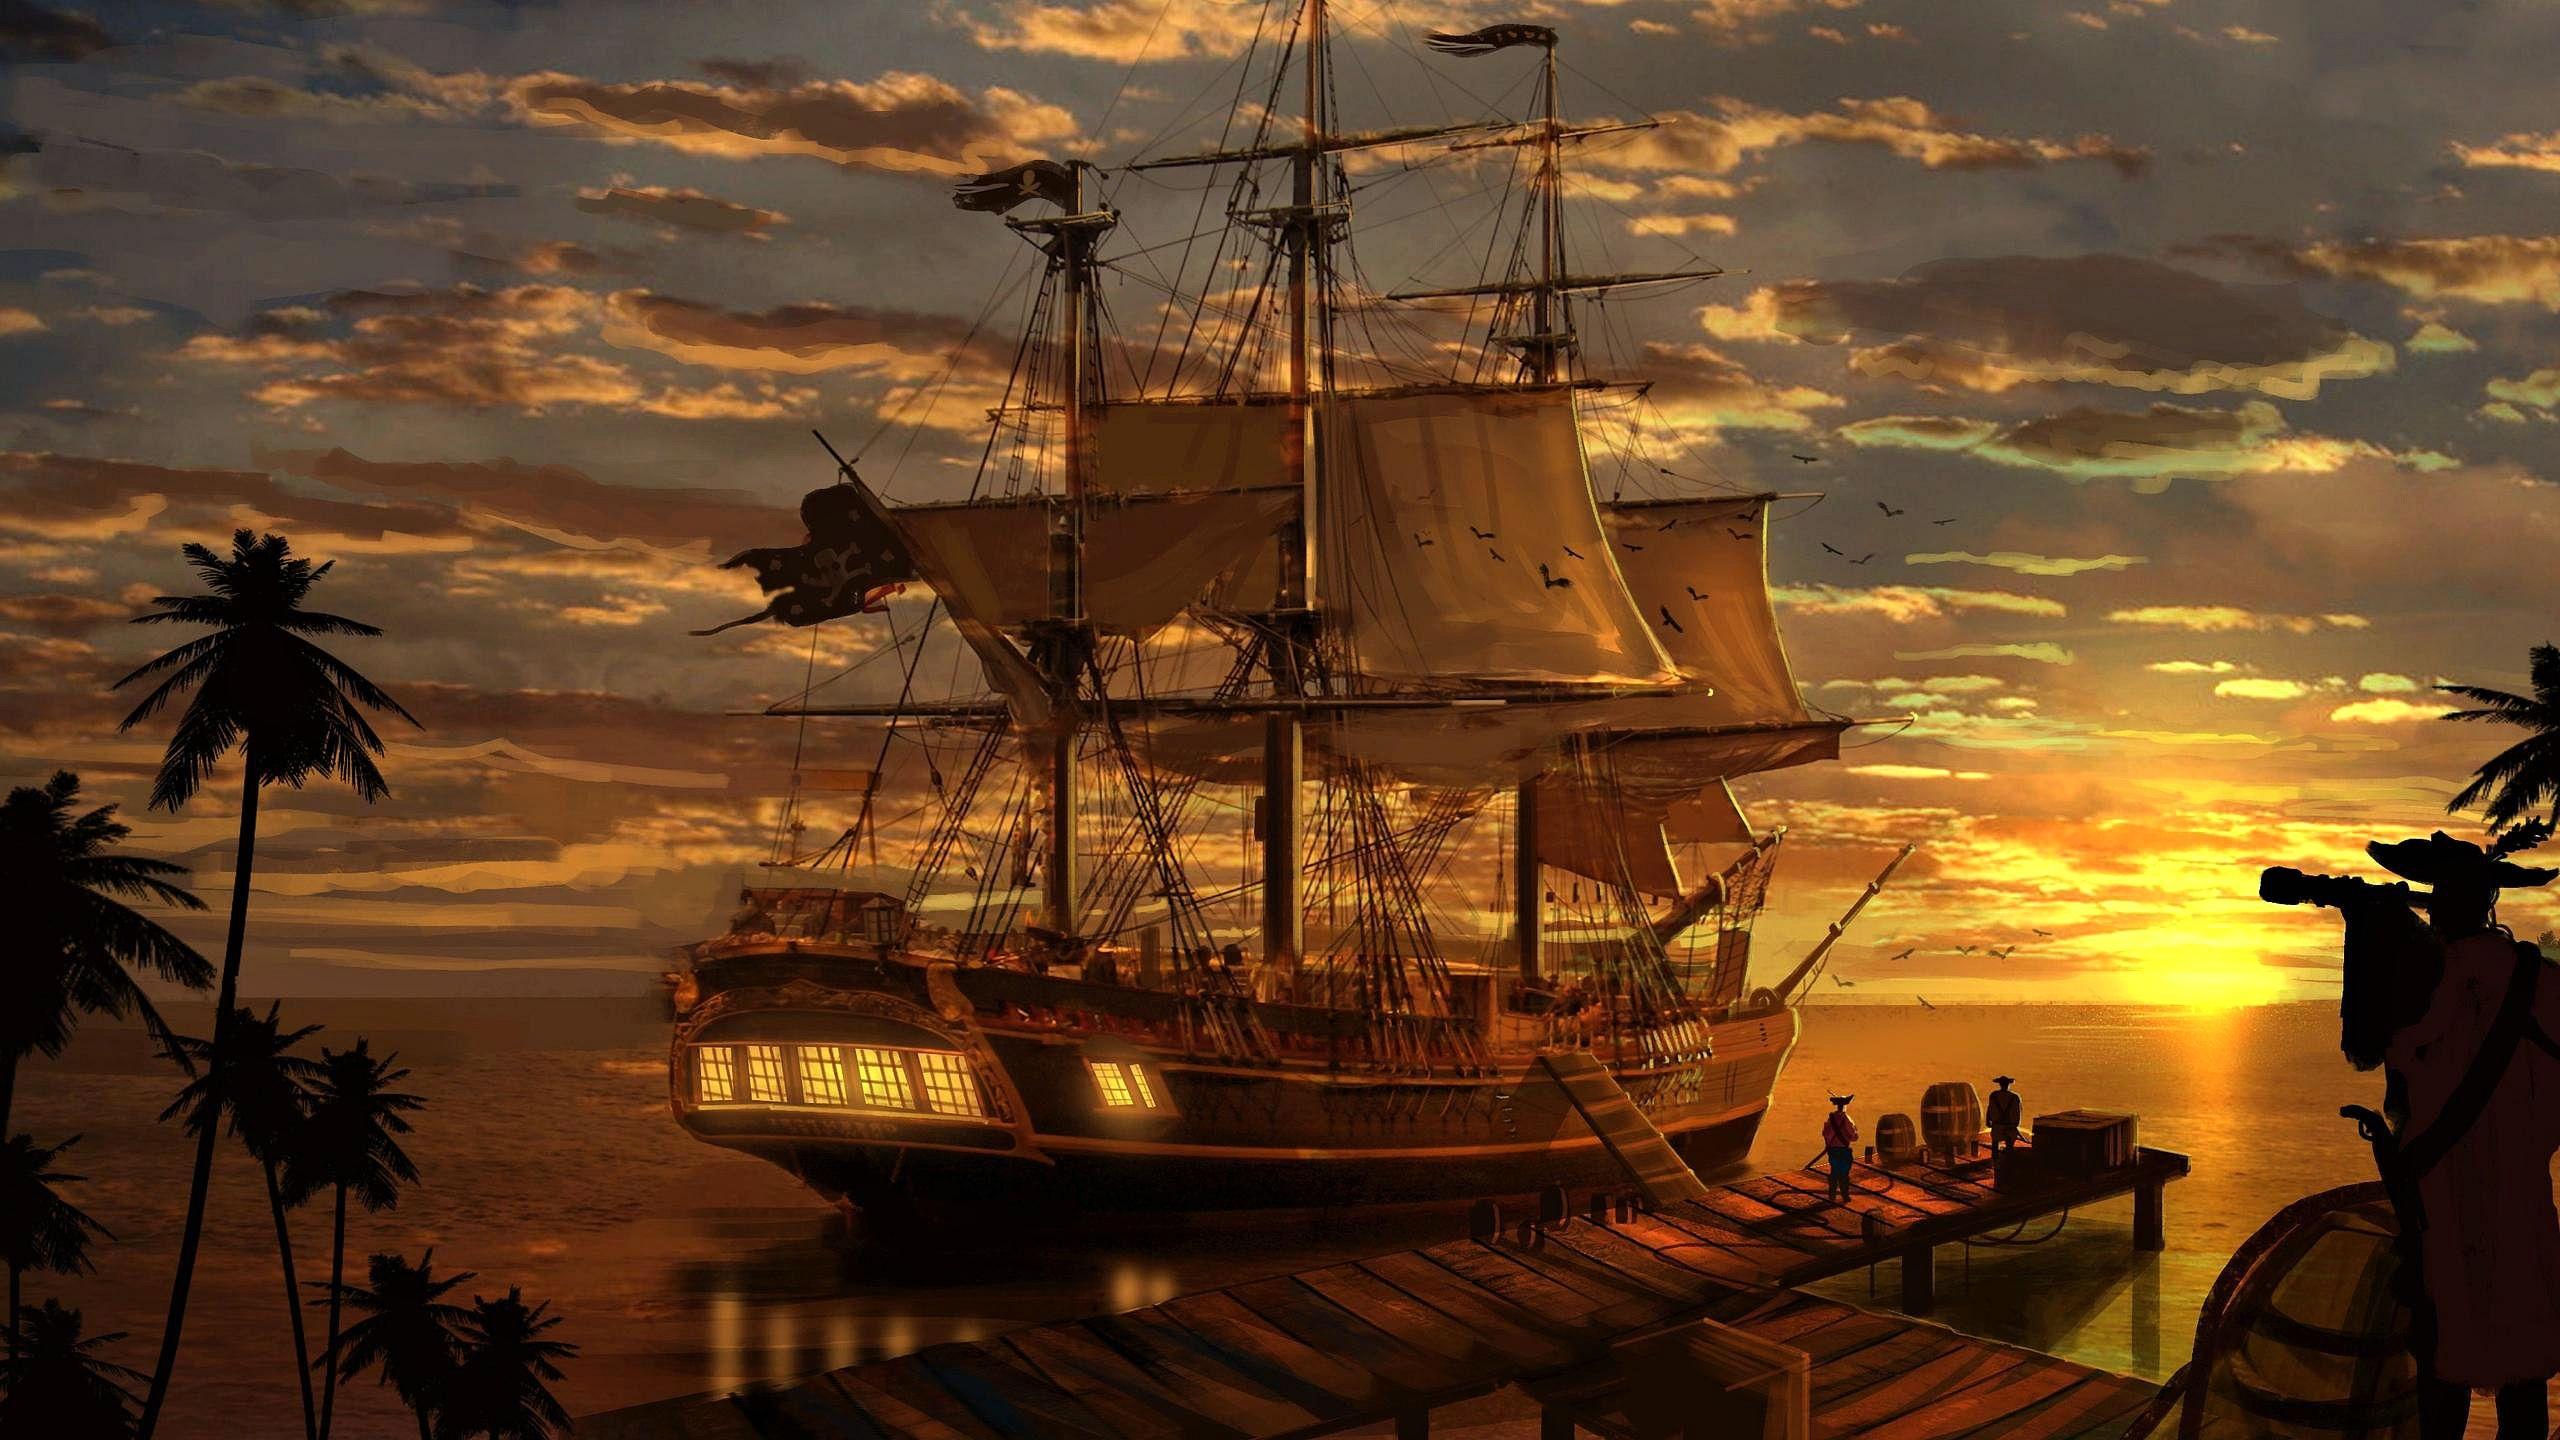 Обои старые корабли для рабочего стола